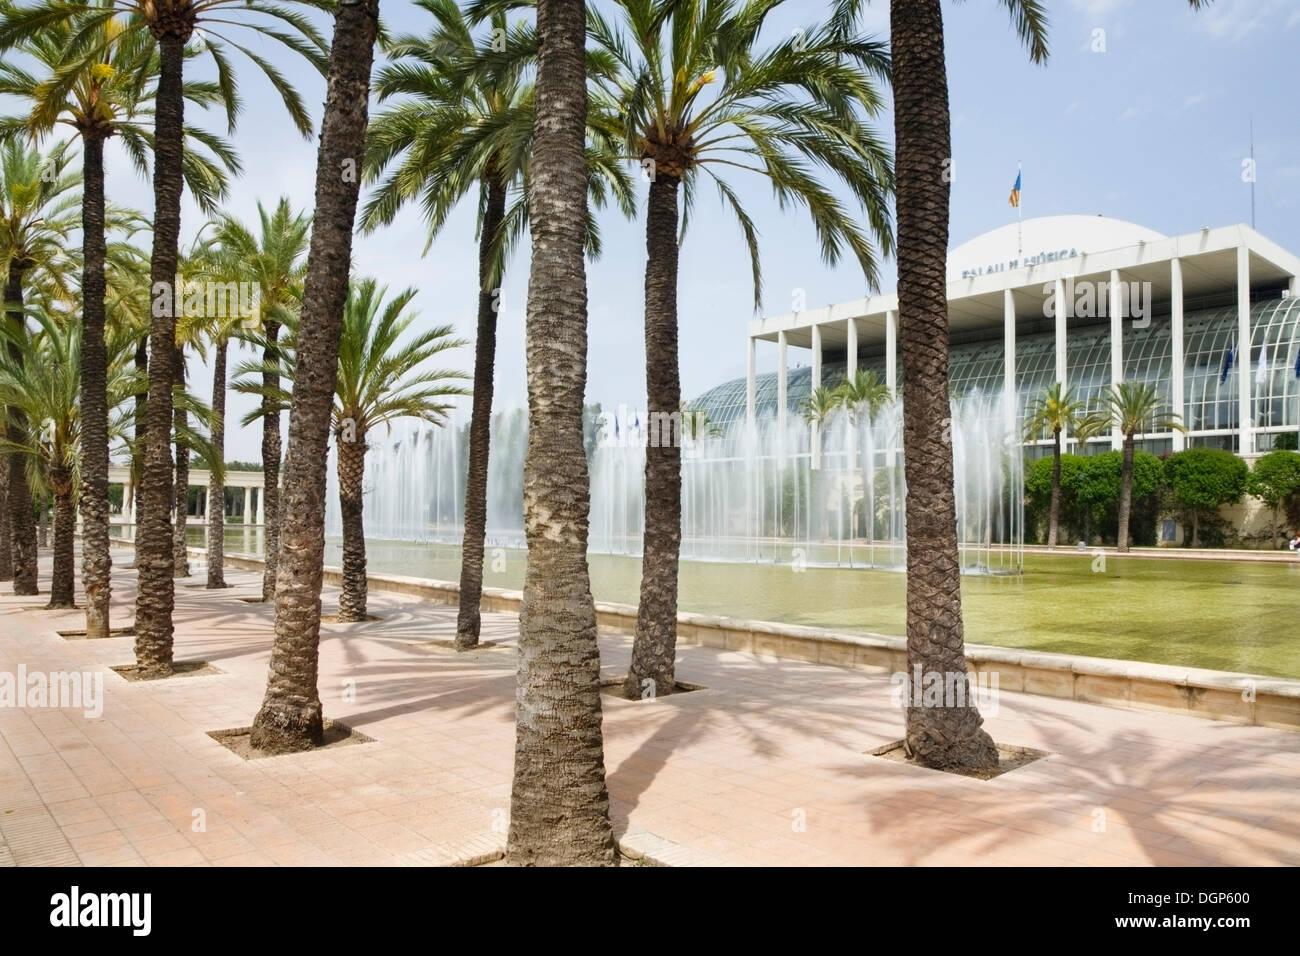 Palau de la música, de la sala de conciertos, Valencia, Comunidad Valenciana, España, Europa Imagen De Stock